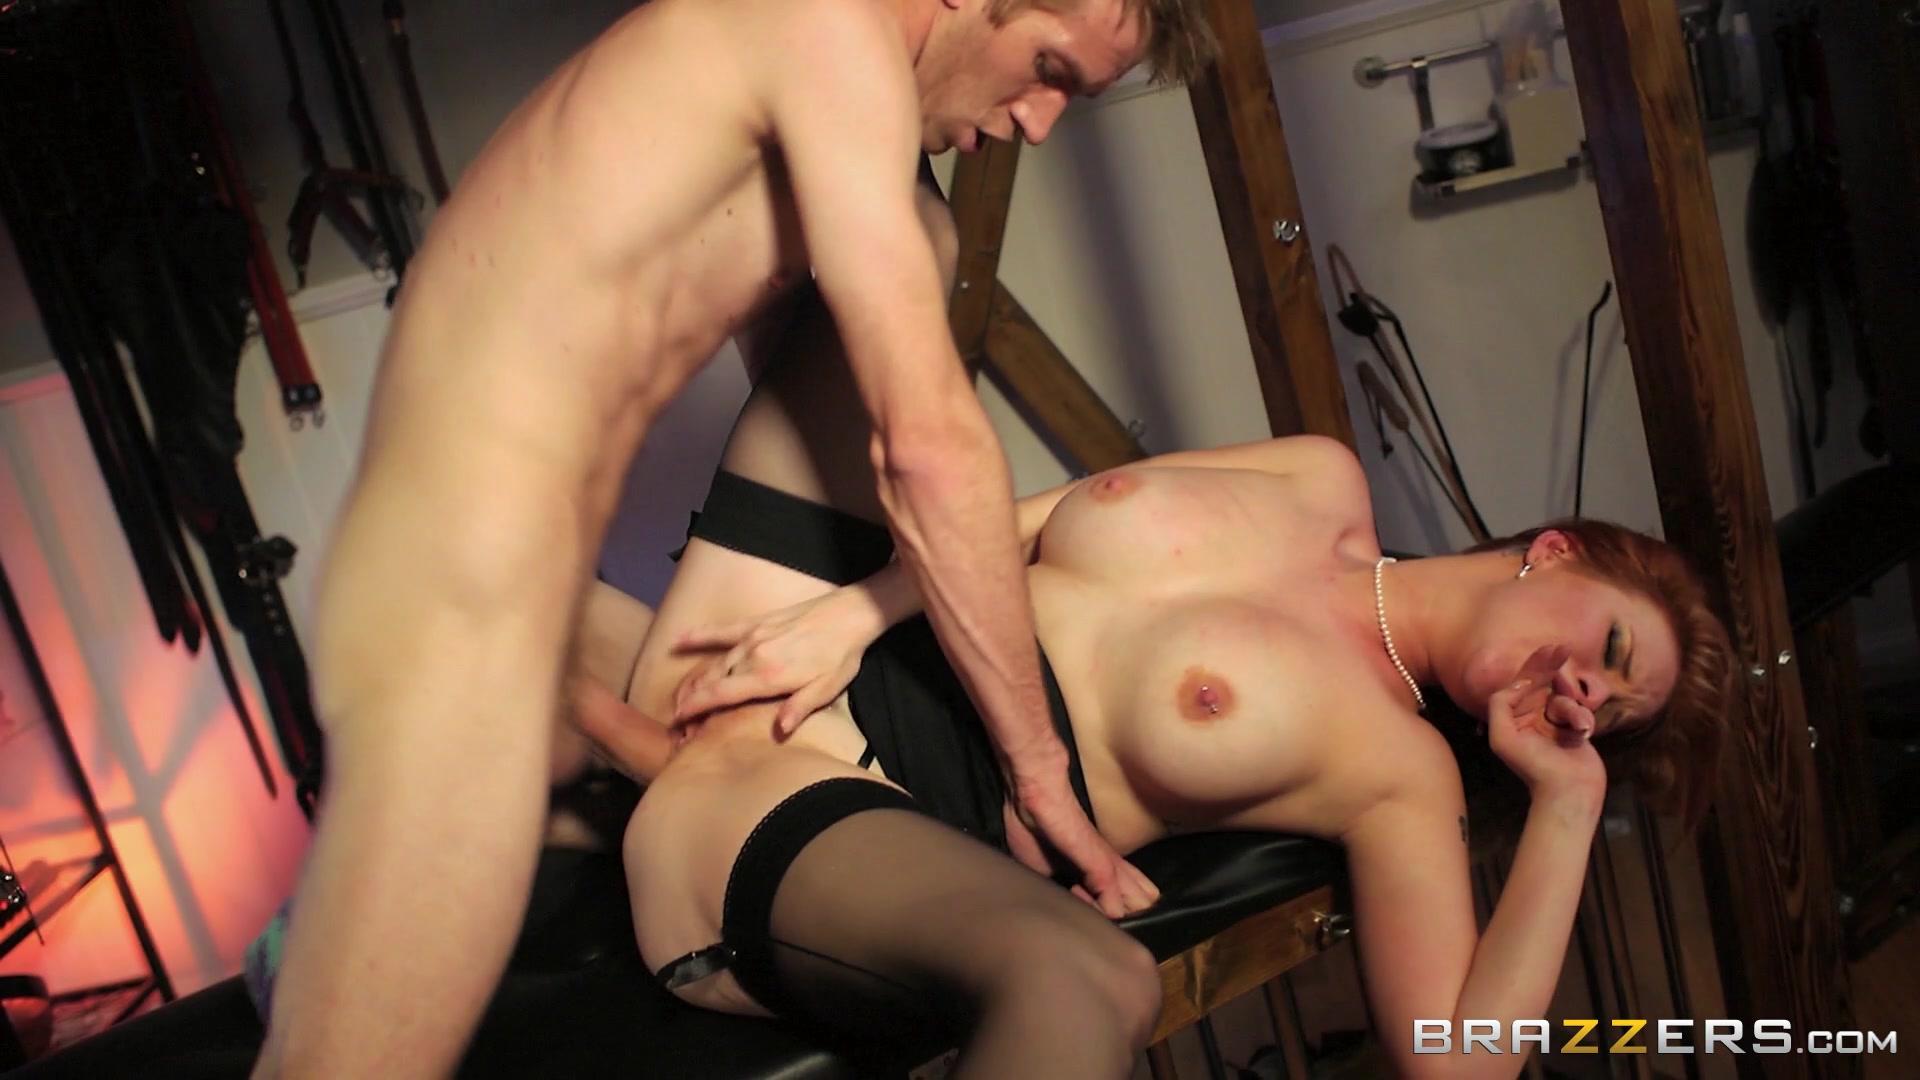 Секс в двоеем, вдвоем одну: порно видео онлайн, смотреть секс ролик 19 фотография